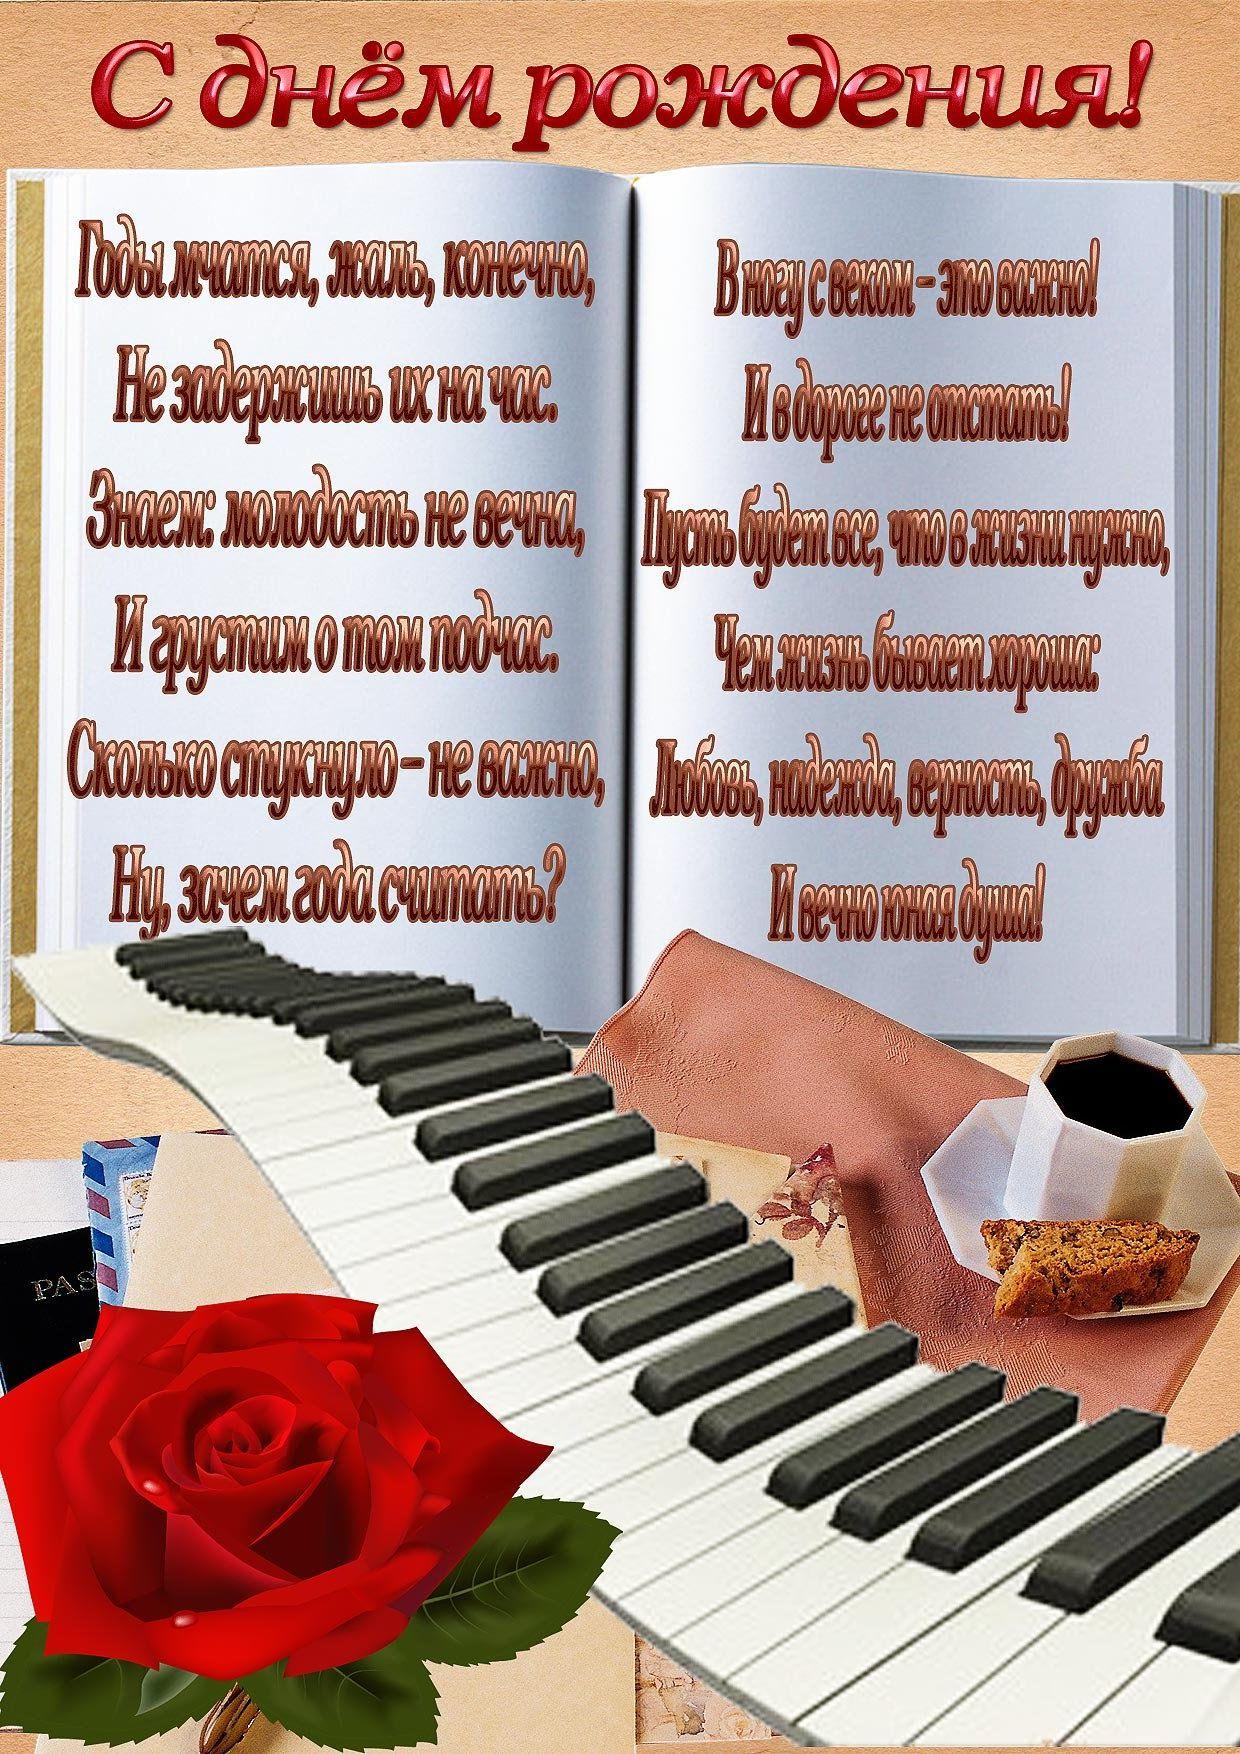 Поздравление с днём рождения учителя музыки